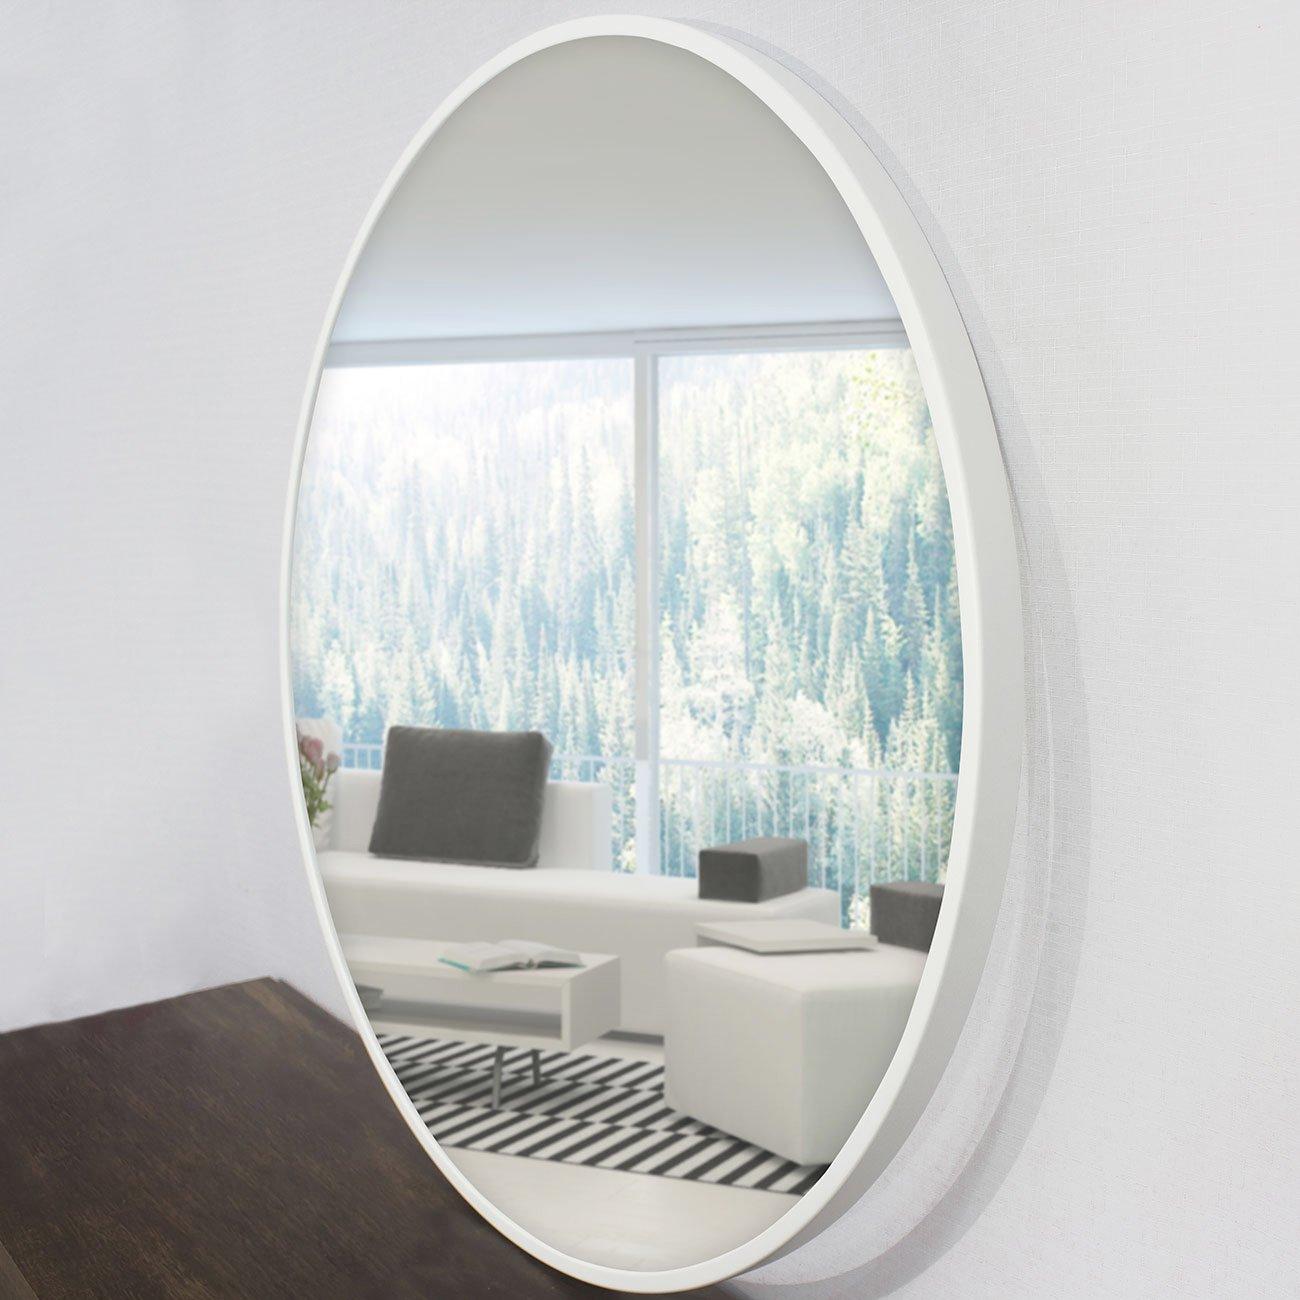 Espelho redondo, foto com detalhes da lateral da moldura.